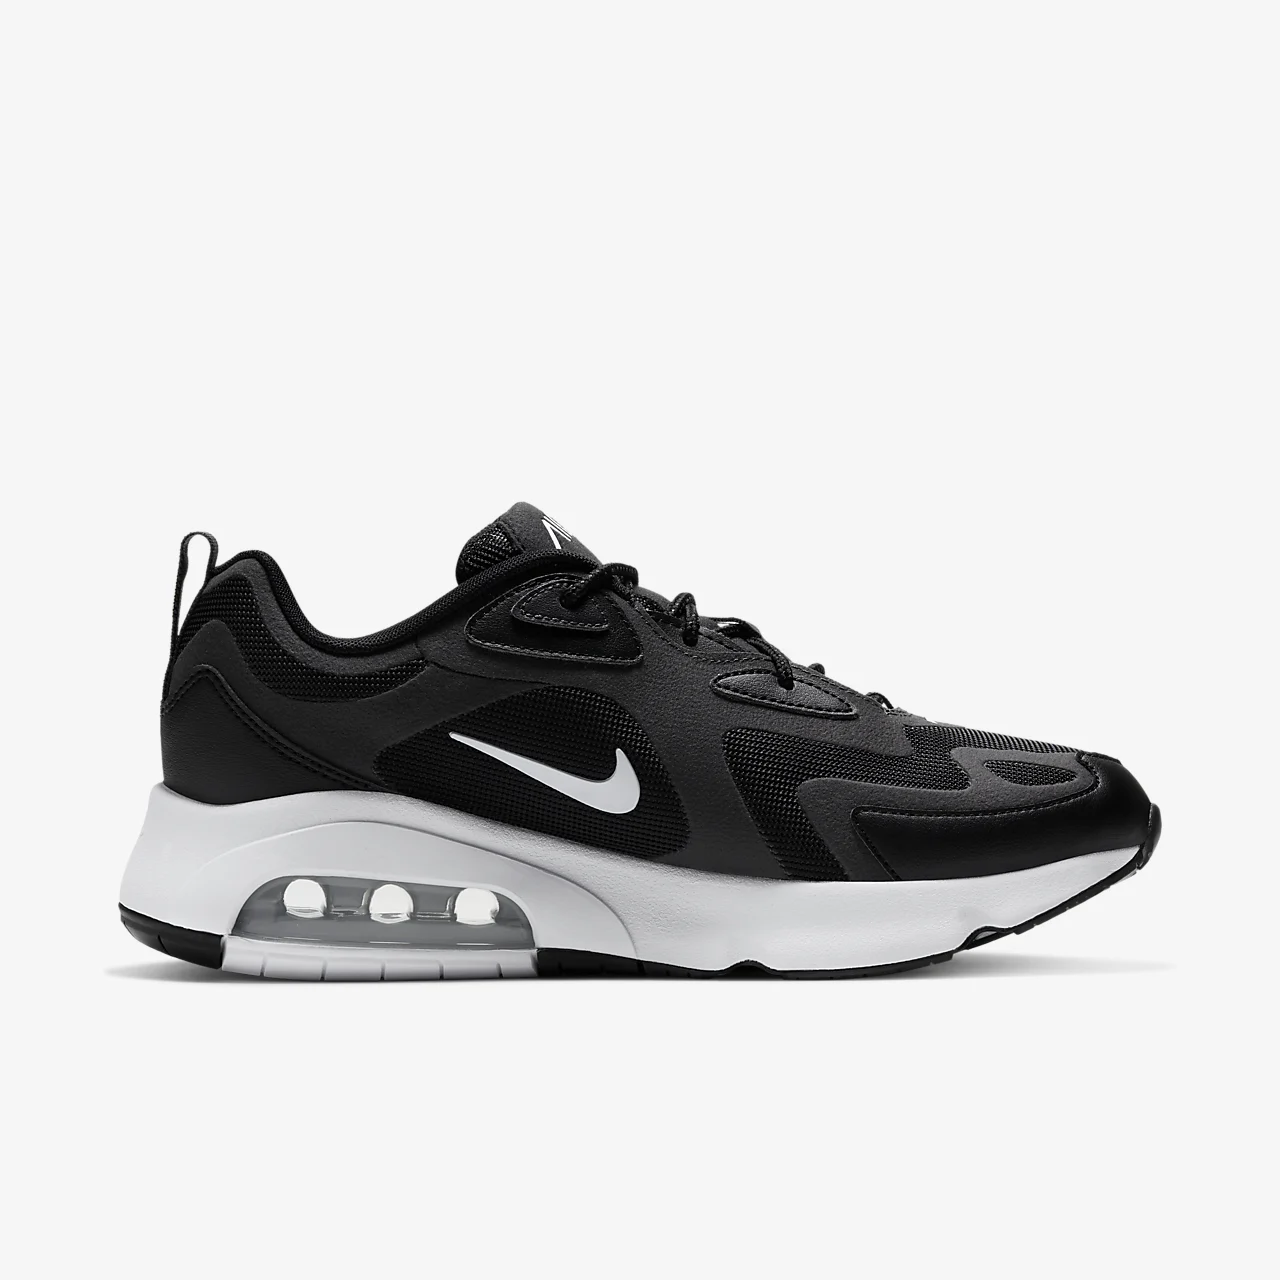 나이키 에어 맥스 200 남성 신발 CI3865-001